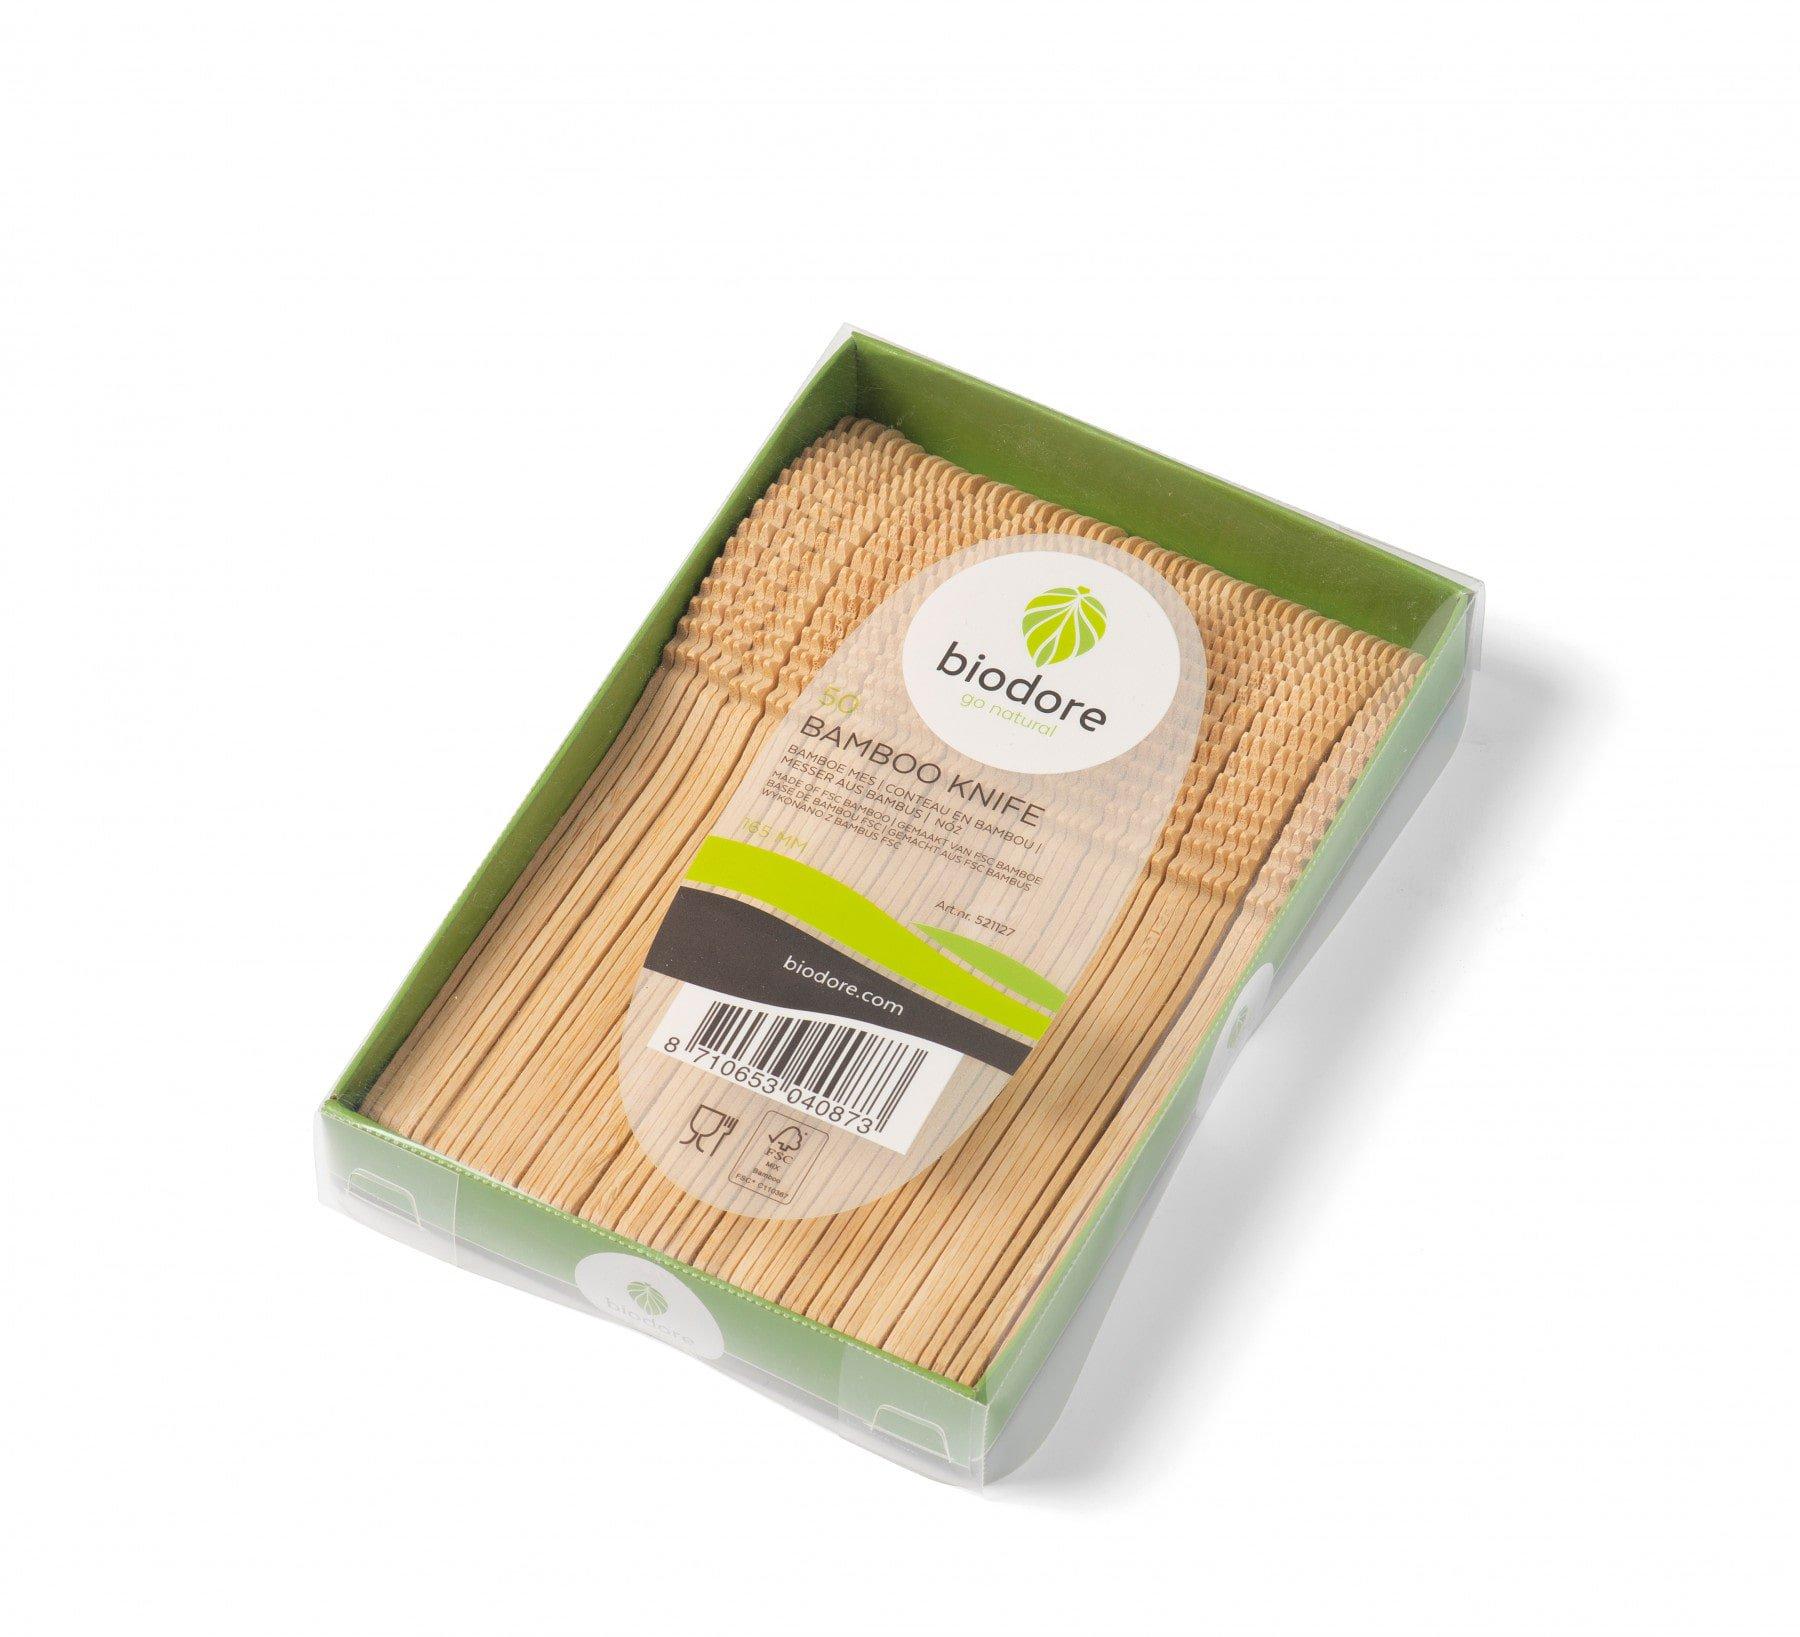 Biodore mes bamboe 20 x 50 stuks